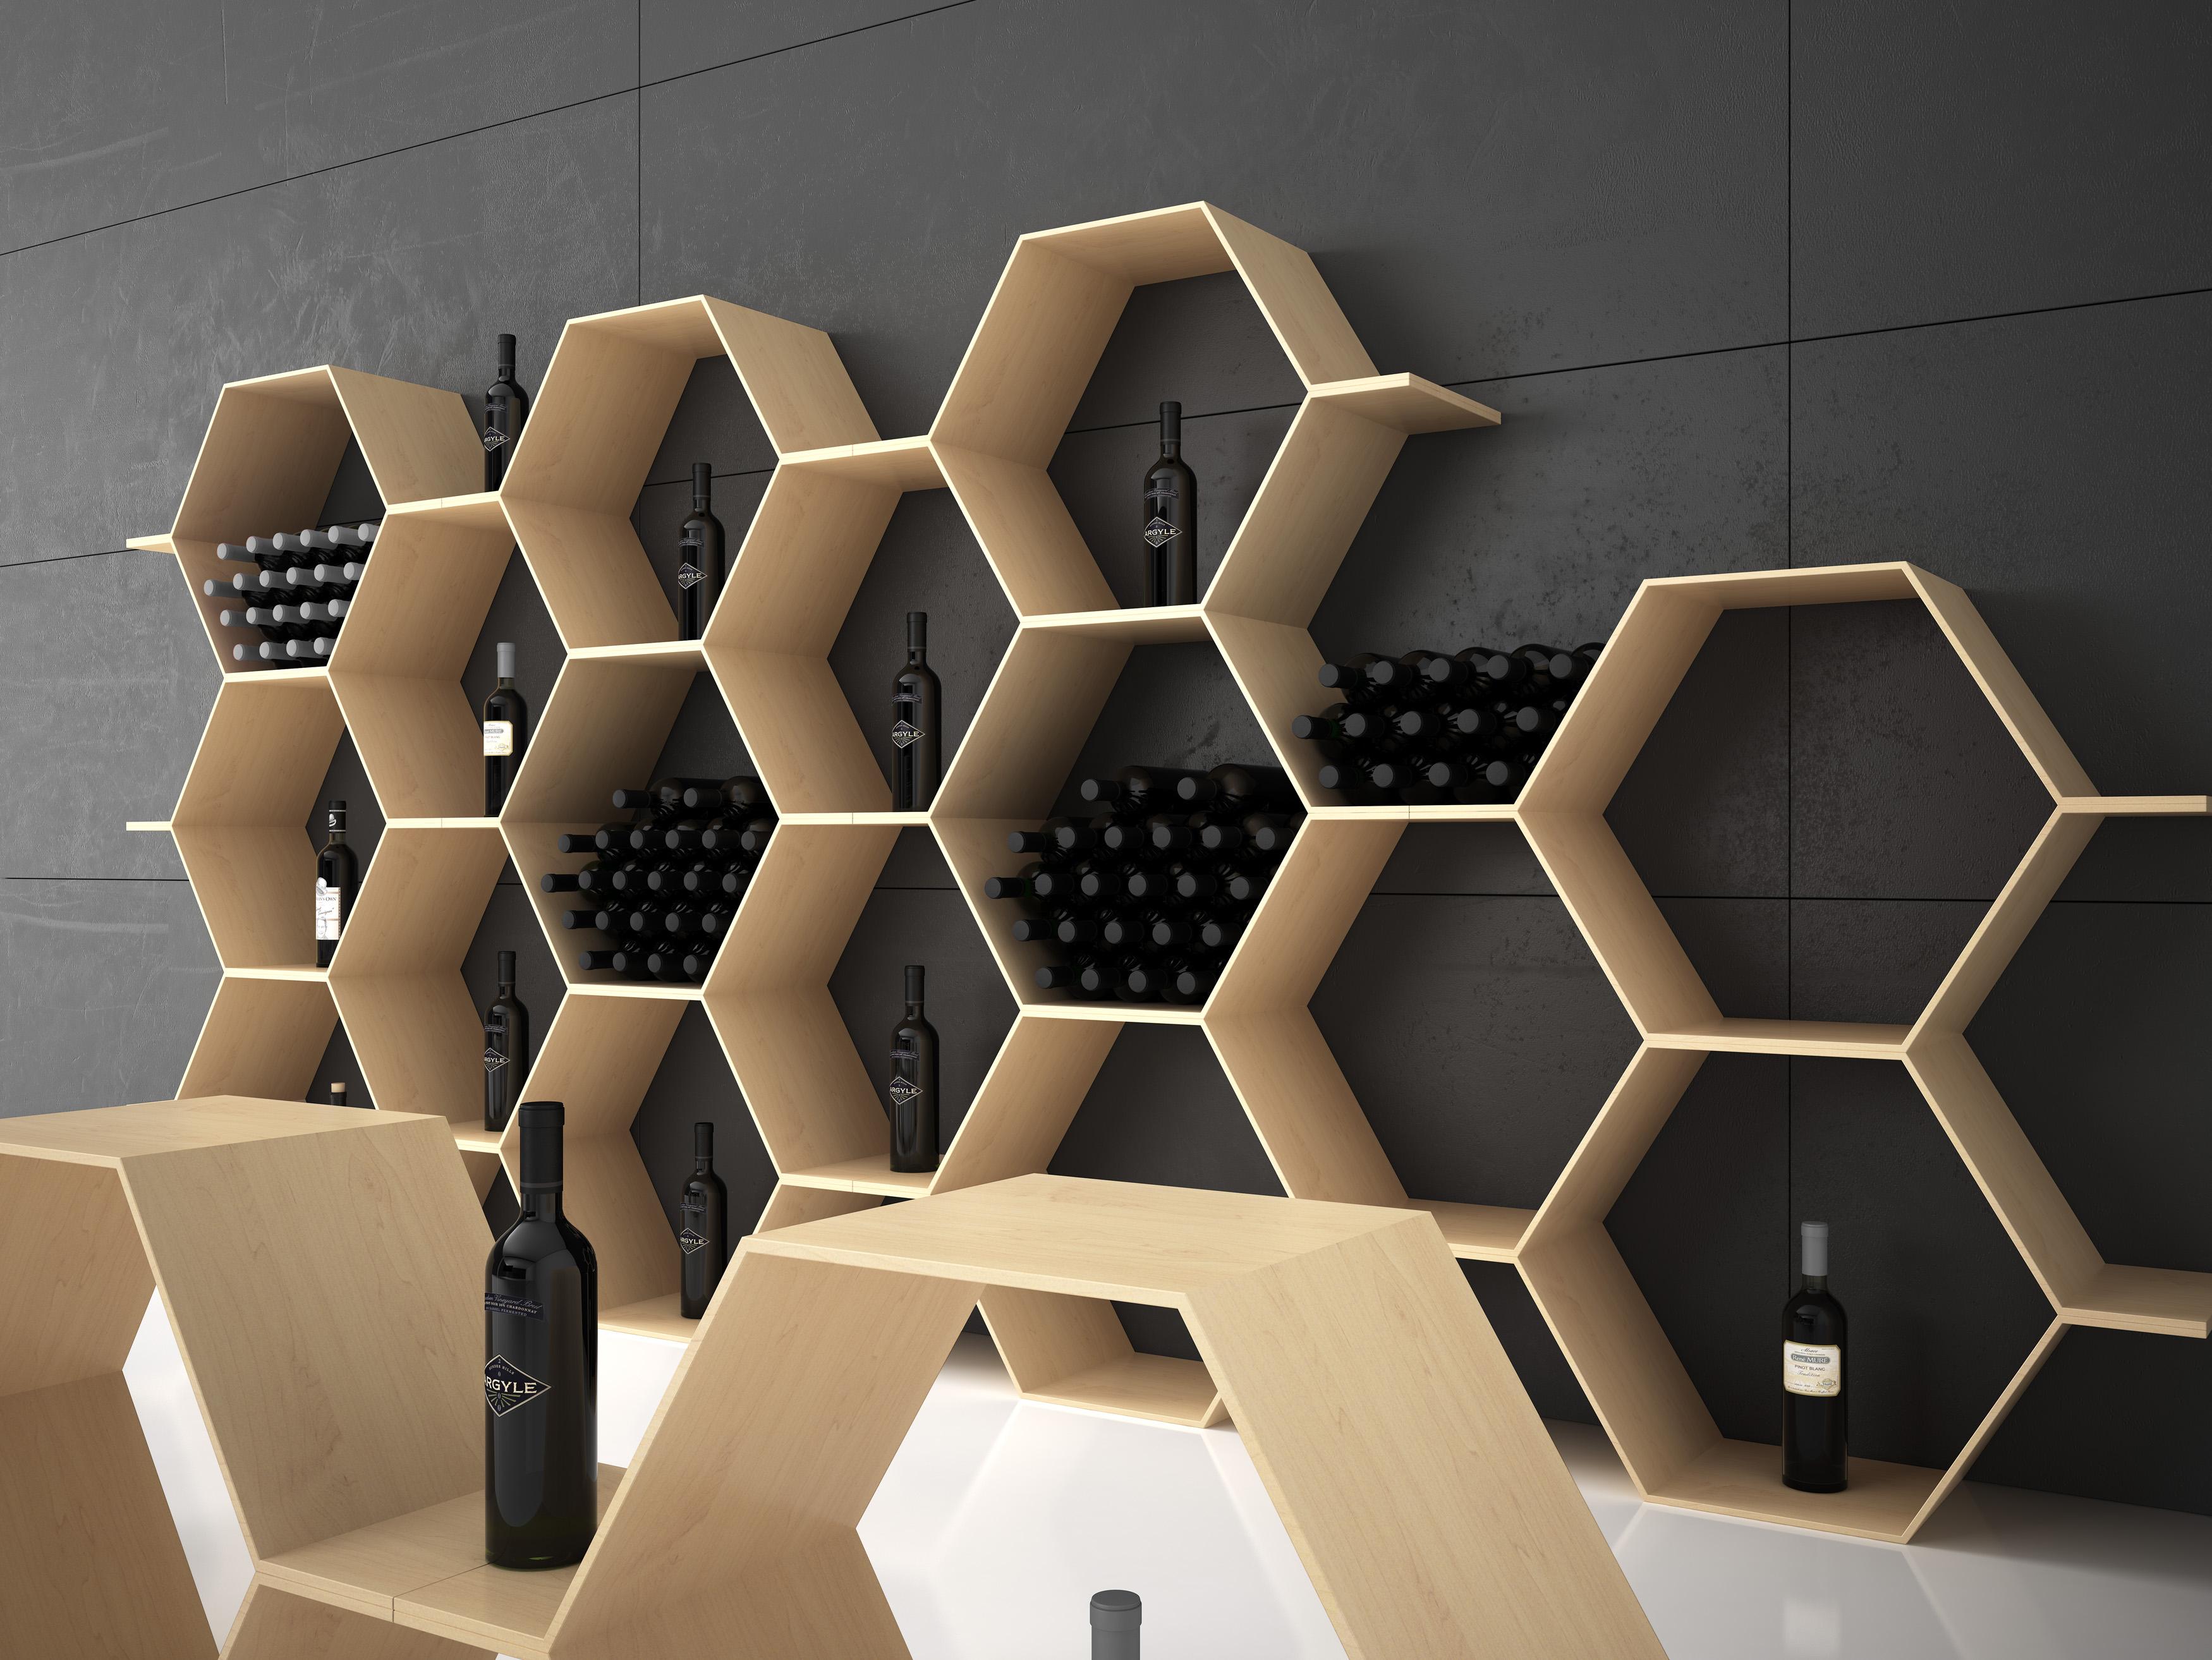 Proyectos dise o 3d dise o de oficinas valencia dise o for Diseno industrial de muebles